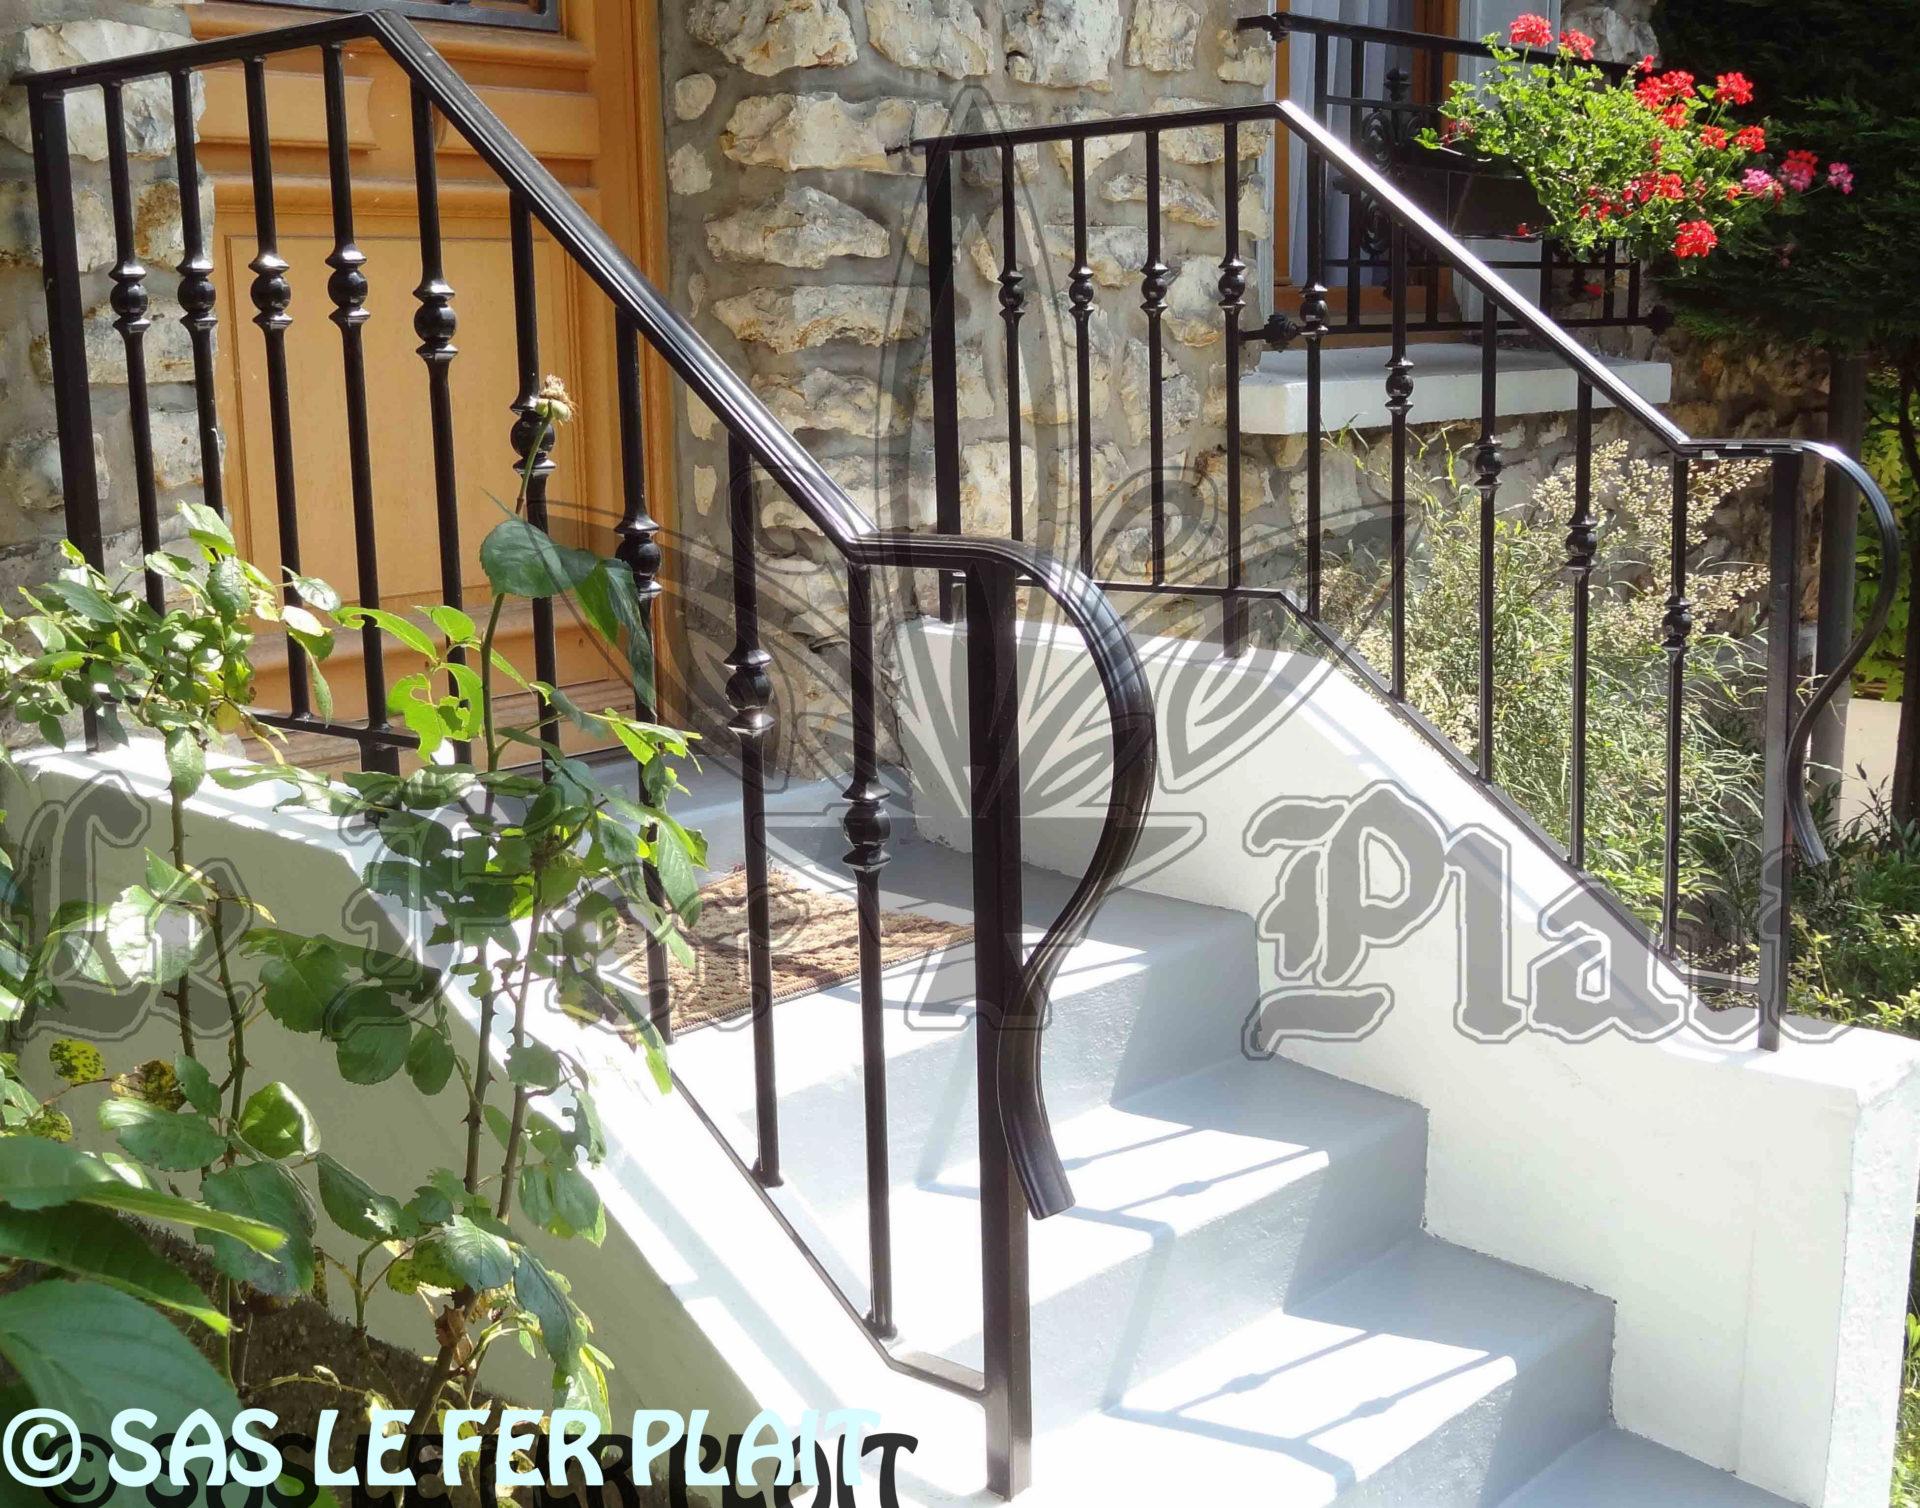 Le Fer Plait ferronnier à eaubonne dans le val D'oise 95 rampe escalier fer forgé sur mesure pour éviter les accidents dans les escaliers.